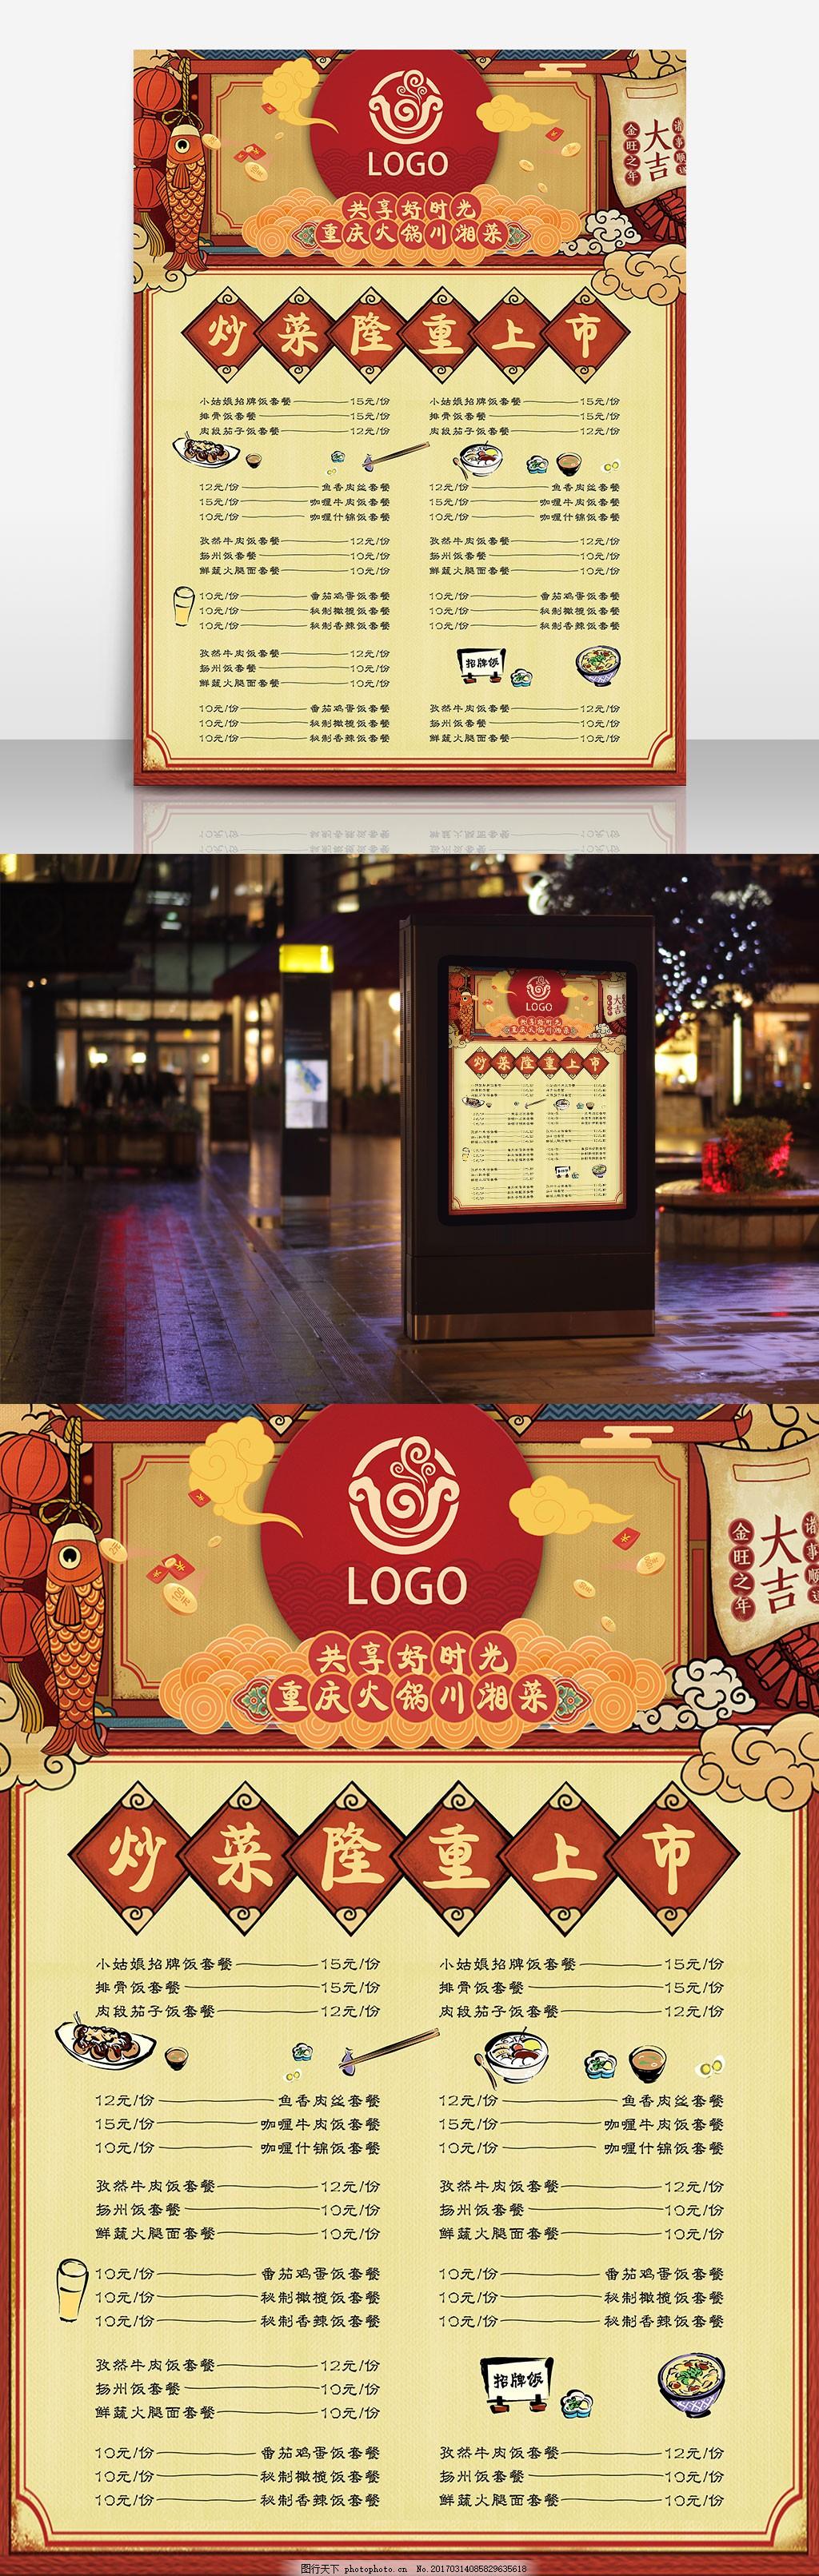 传统 中国风 手绘 美食 菜单 海报